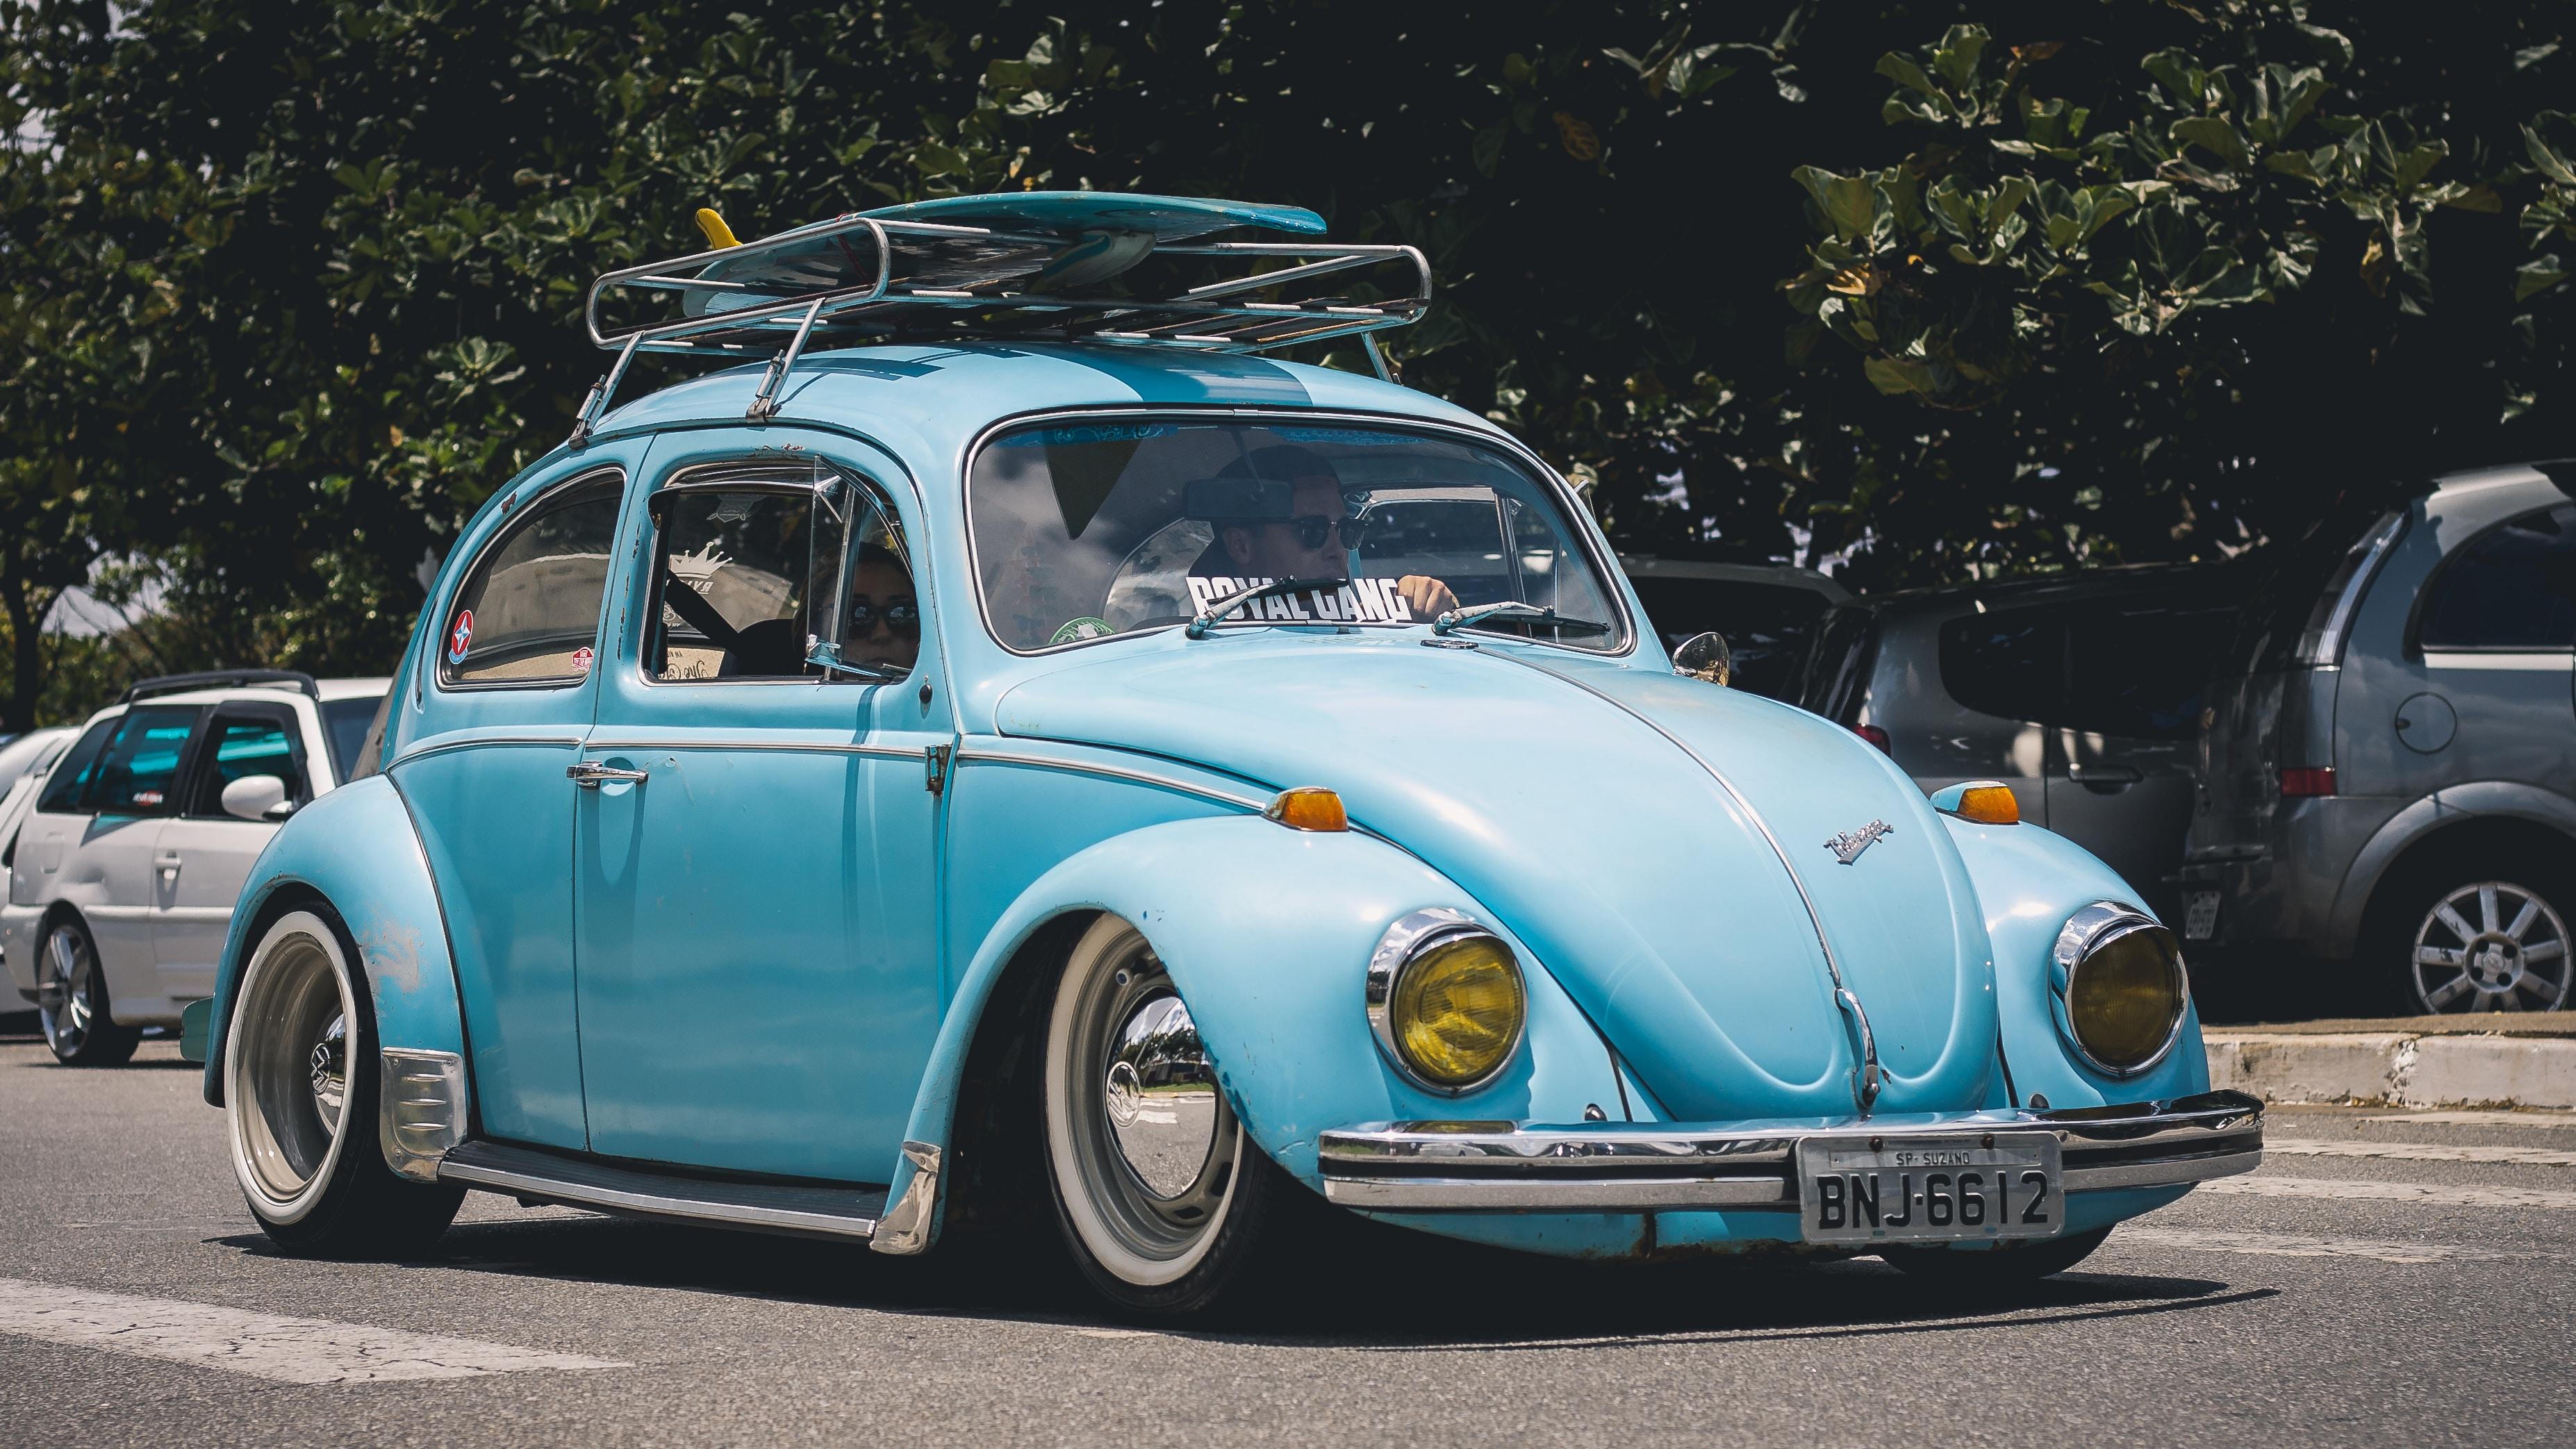 blue Volkswagen Beetle on road